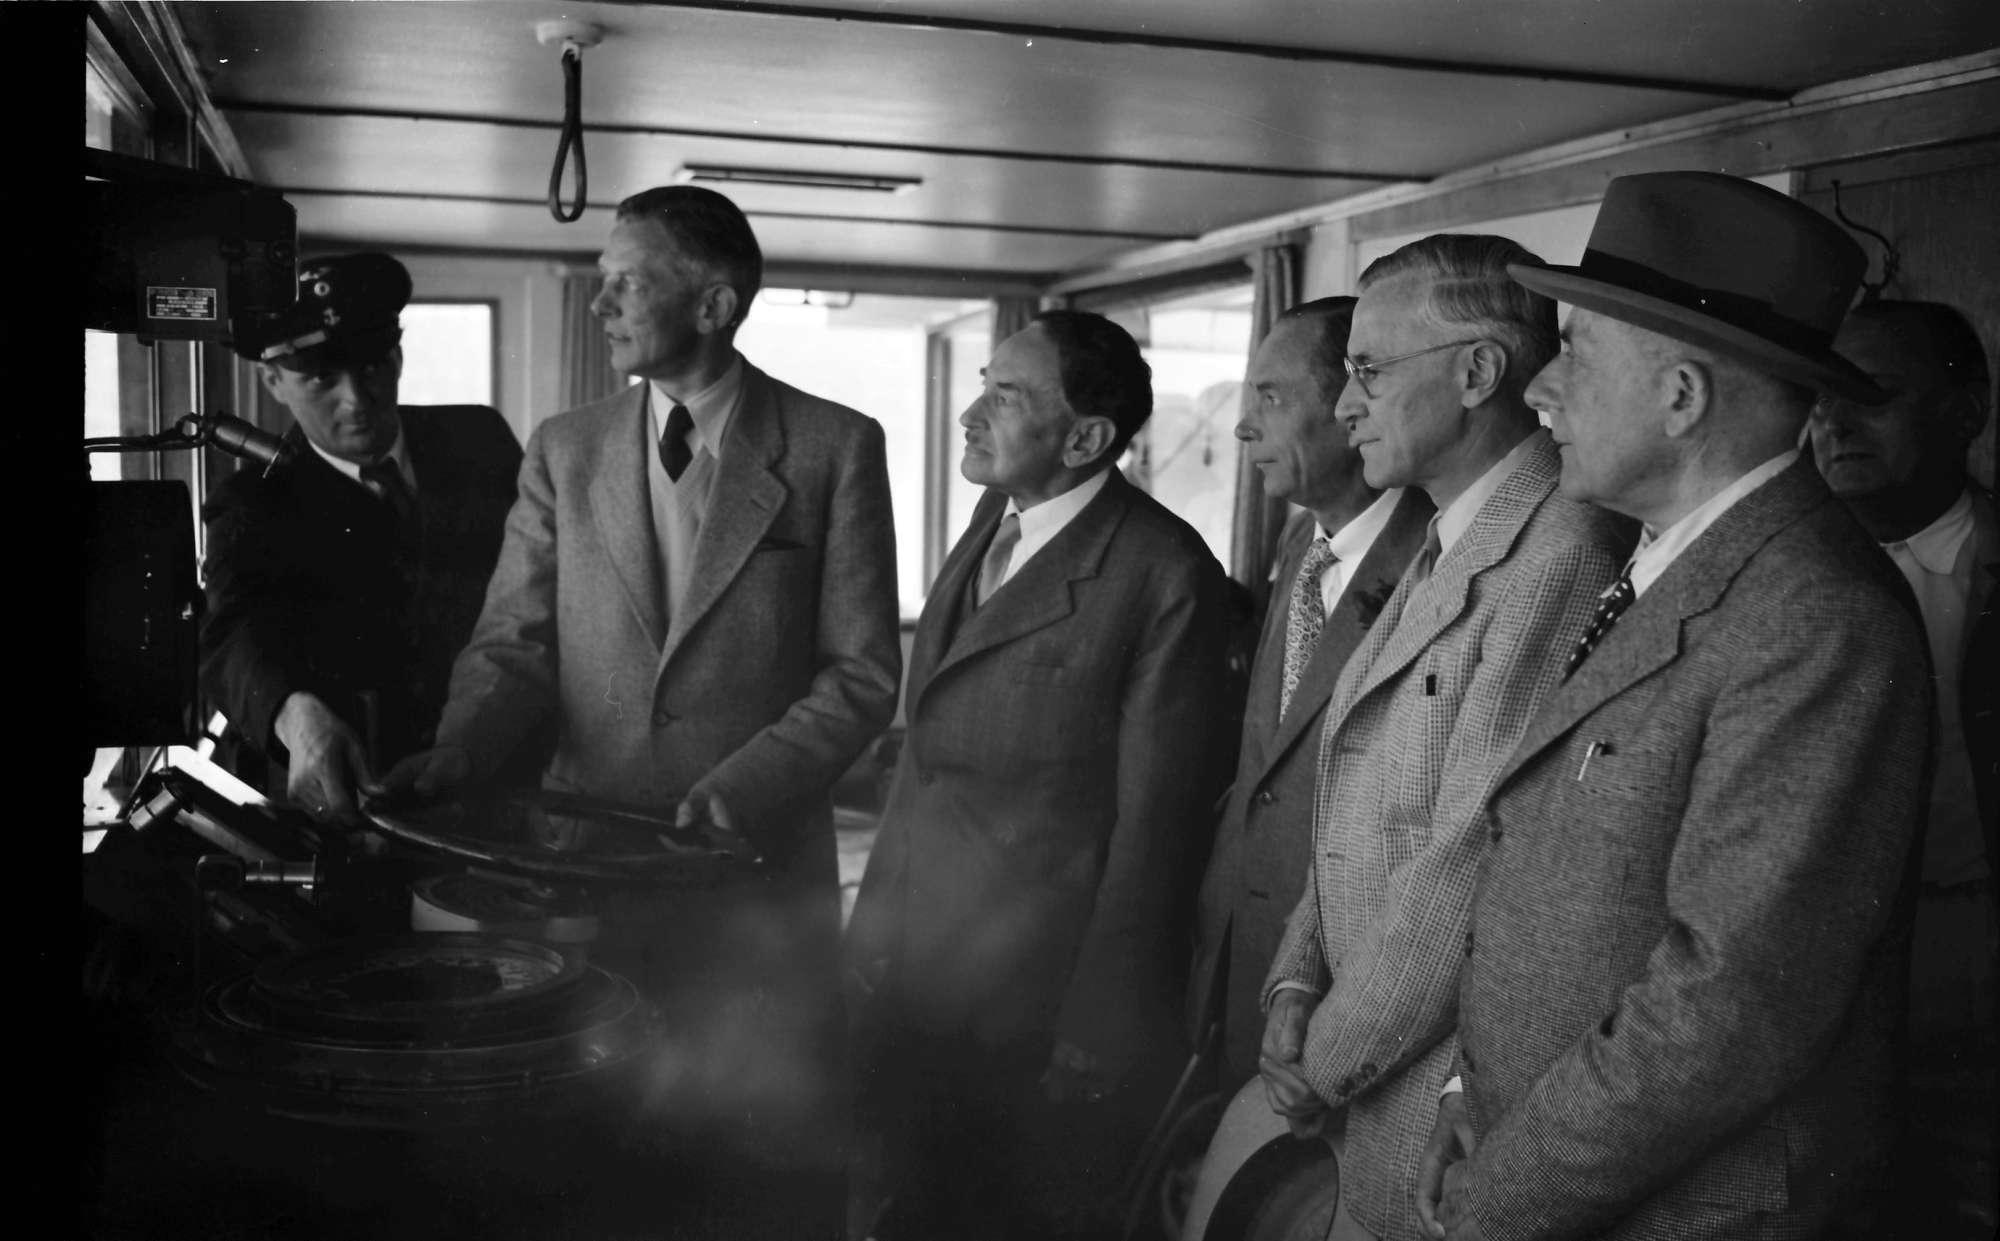 Schiffahrt zur Insel Mainau: Kommandobrücke; Adolf Butenandt, Hans v. Euler-Chelpin, Henrik Dam, William P. Murphy, Otto H. Warburg, Bild 1